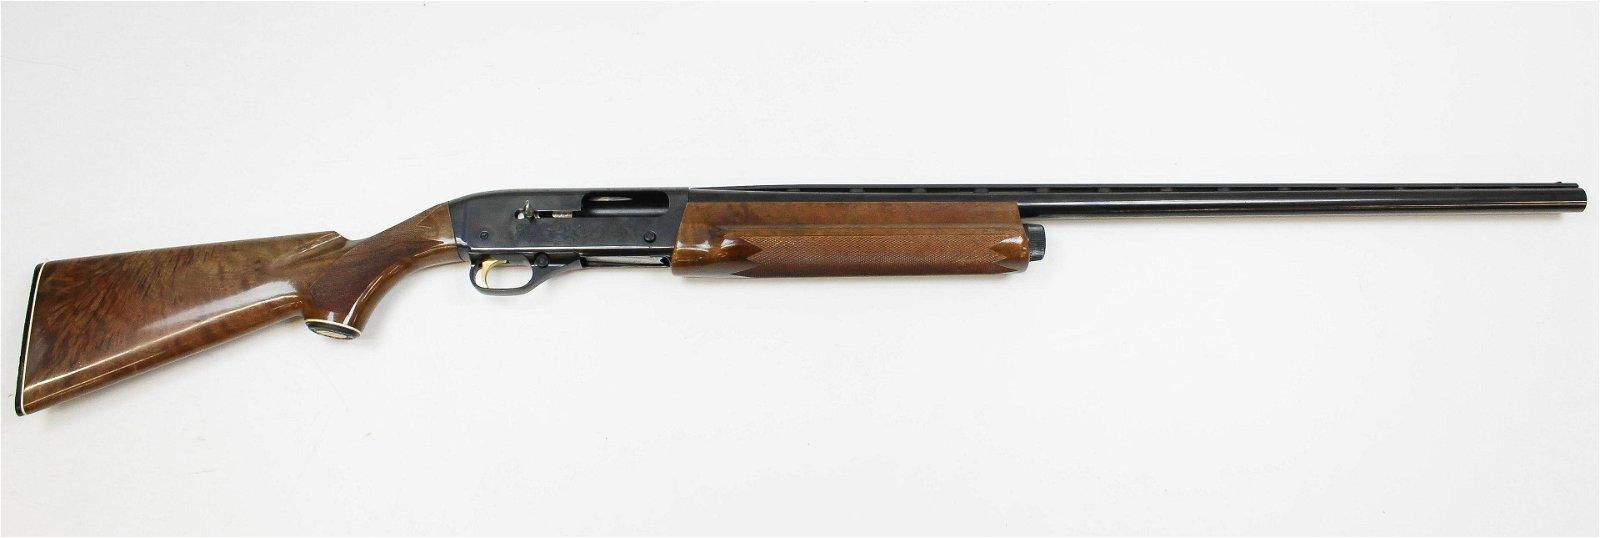 1976 Winchester- Ducks Unlimited Super X Model 1